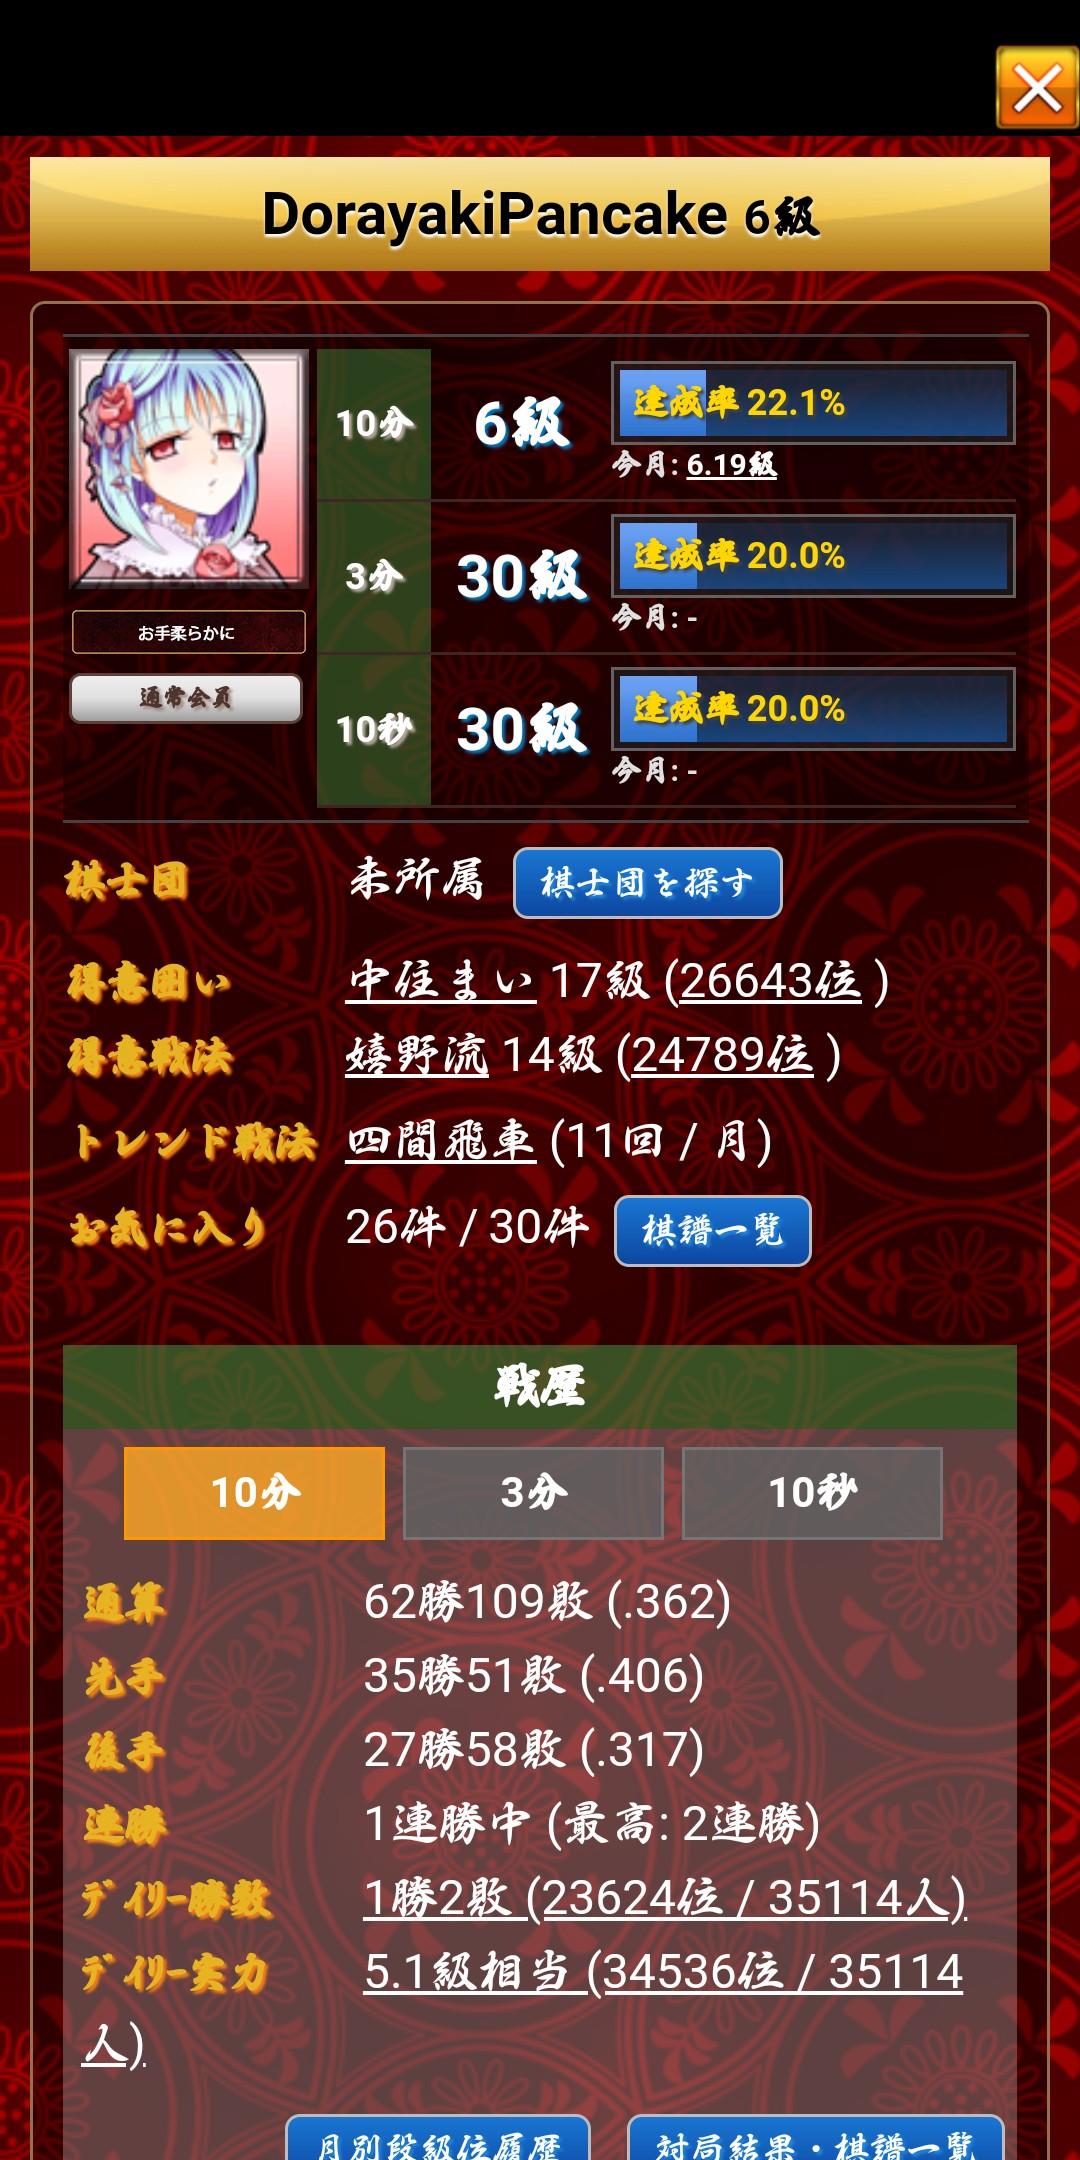 f:id:kotobukinatsuodorayaki:20201126135412j:image